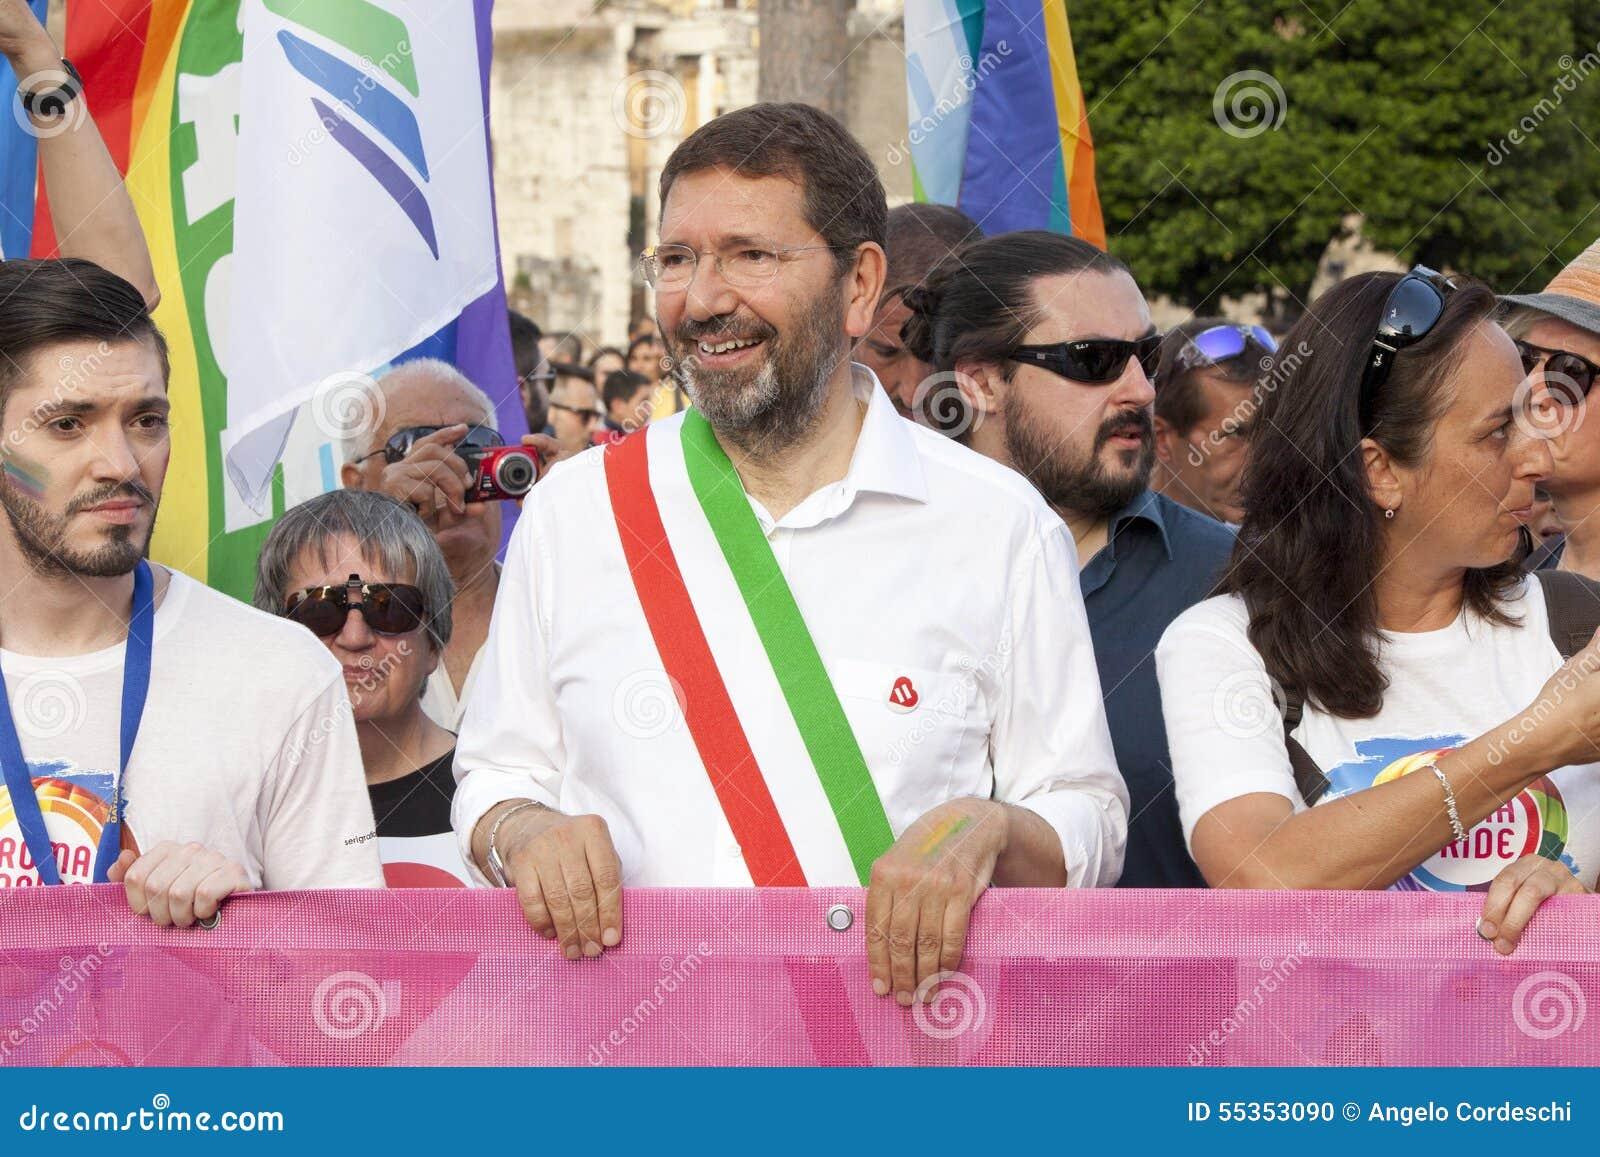 Orgoglio di Roma 2015 - gay Pride Italy - il sindaco di Roma all inizio della parata